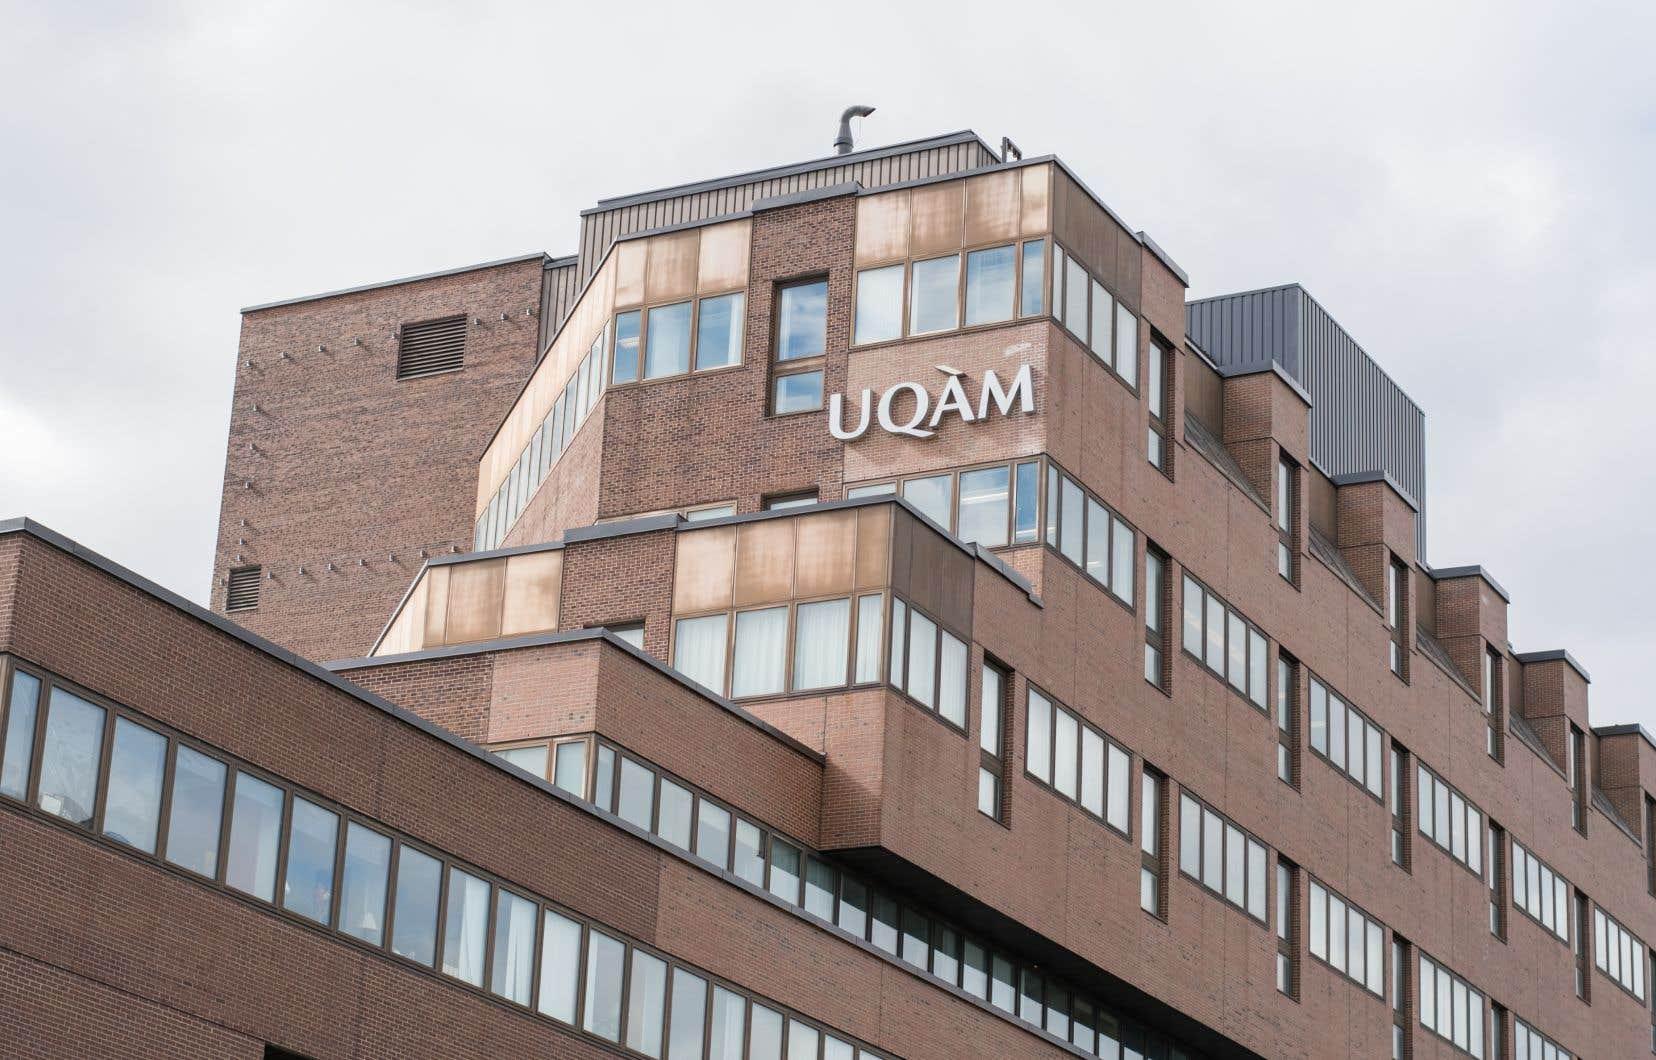 Le règlement à l'amiable impose de cesser pour de bon la publication ou la diffusion sur toutes les plateformes de photos qui utilise le nom ou le logo de l'UQAM.